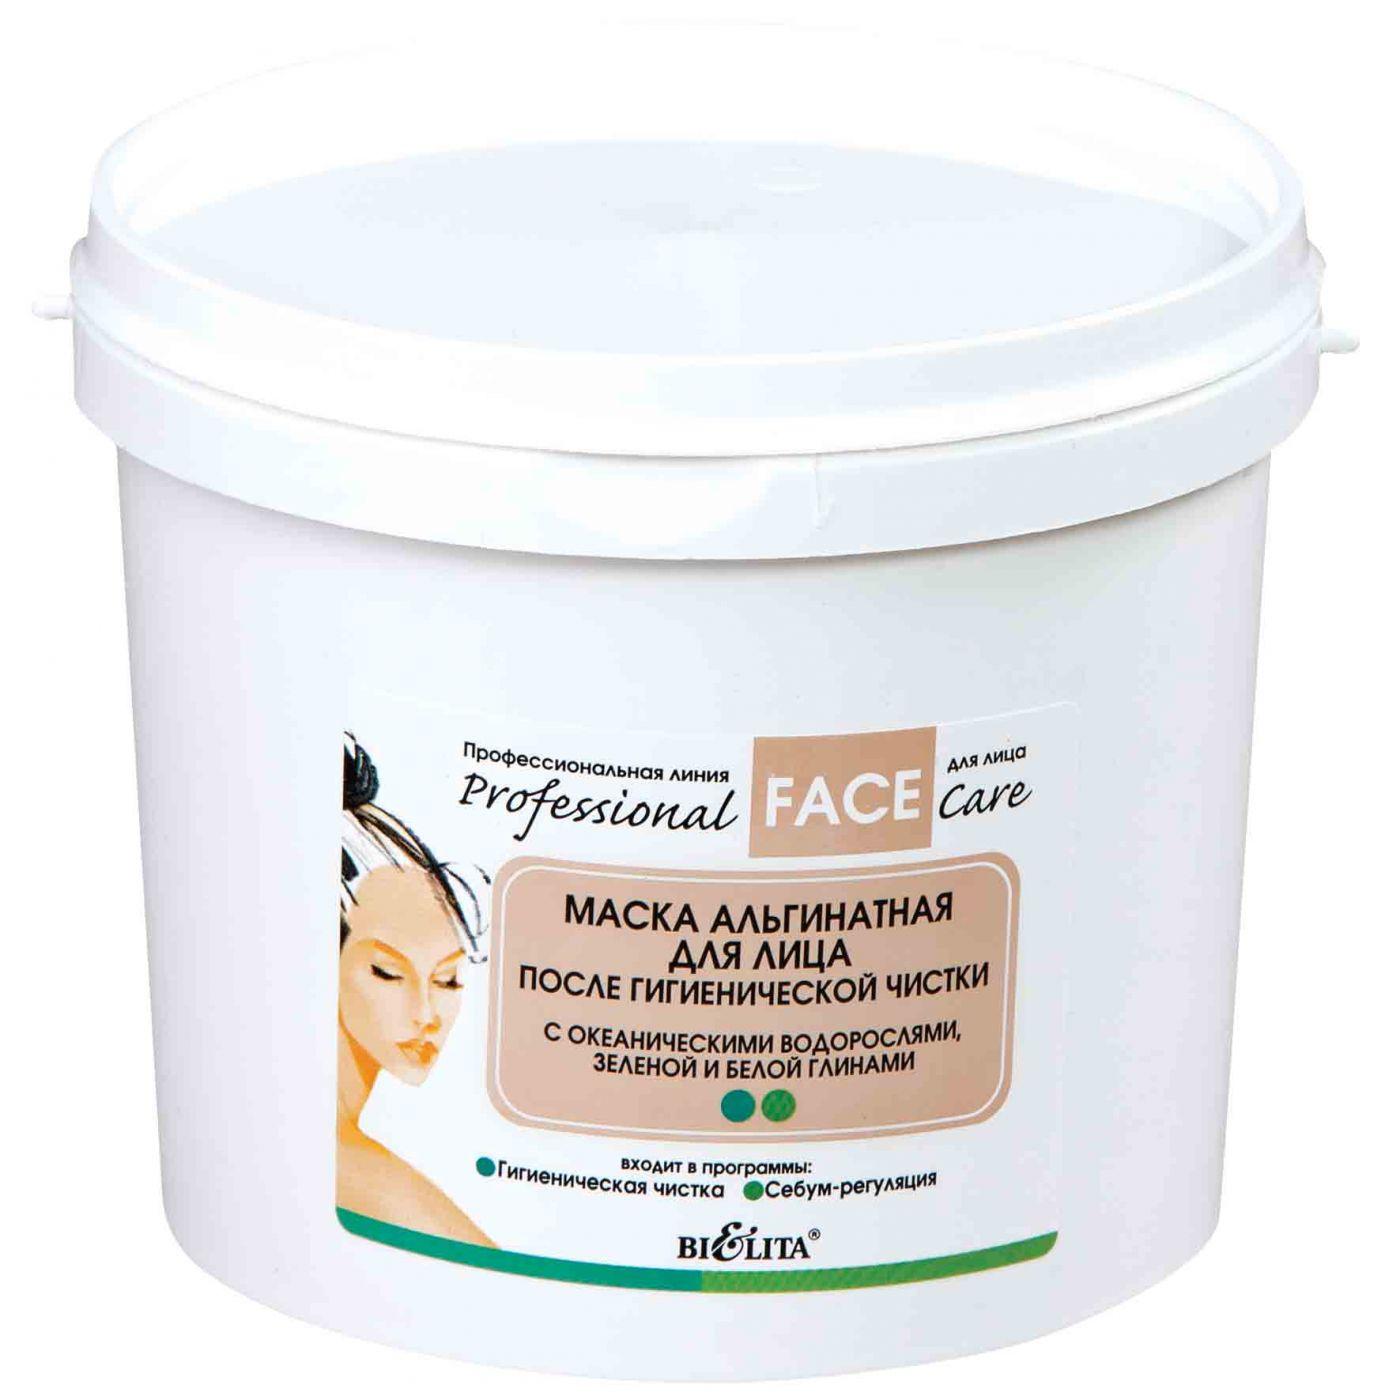 МАСКА альгинатная для лица  «После гигиенической чистки»  с океаническими водорослями, зеленой и белой глинами 600 г.